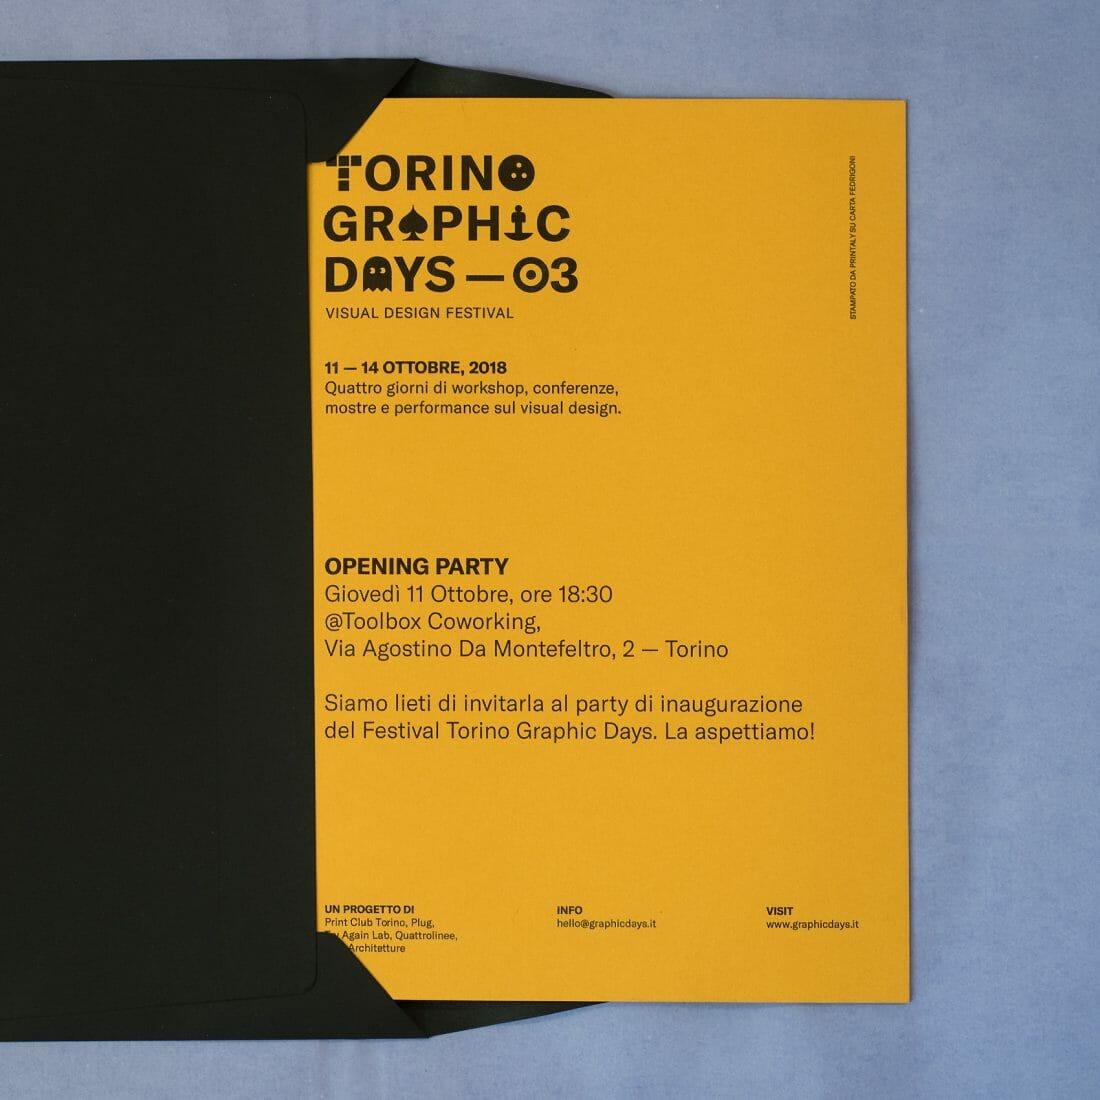 Invito per il Torino Graphic Days. Stampa a cura di Printaly